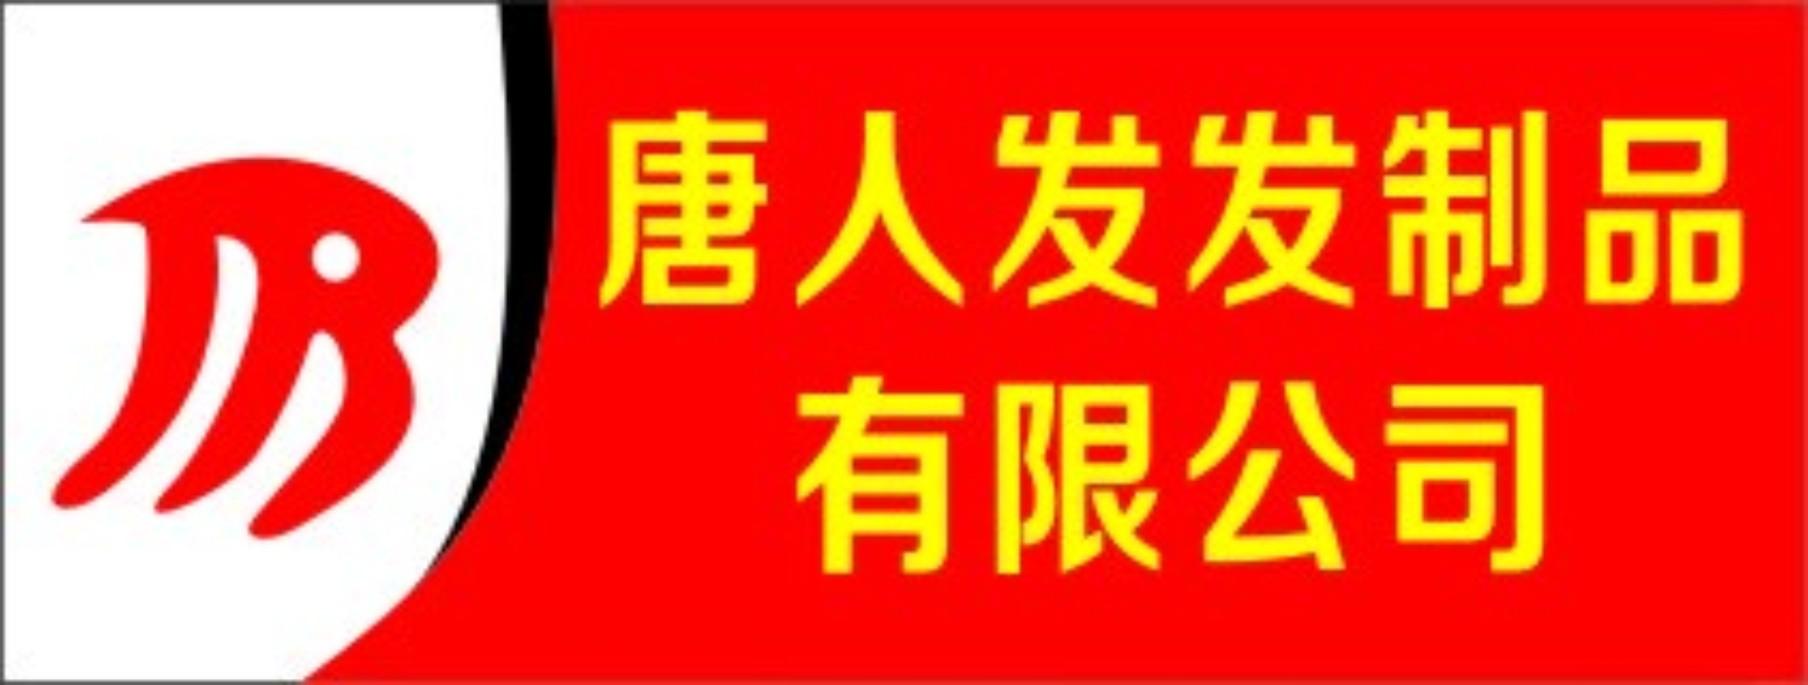 邵阳唐人发发制品有限公司-益阳招聘